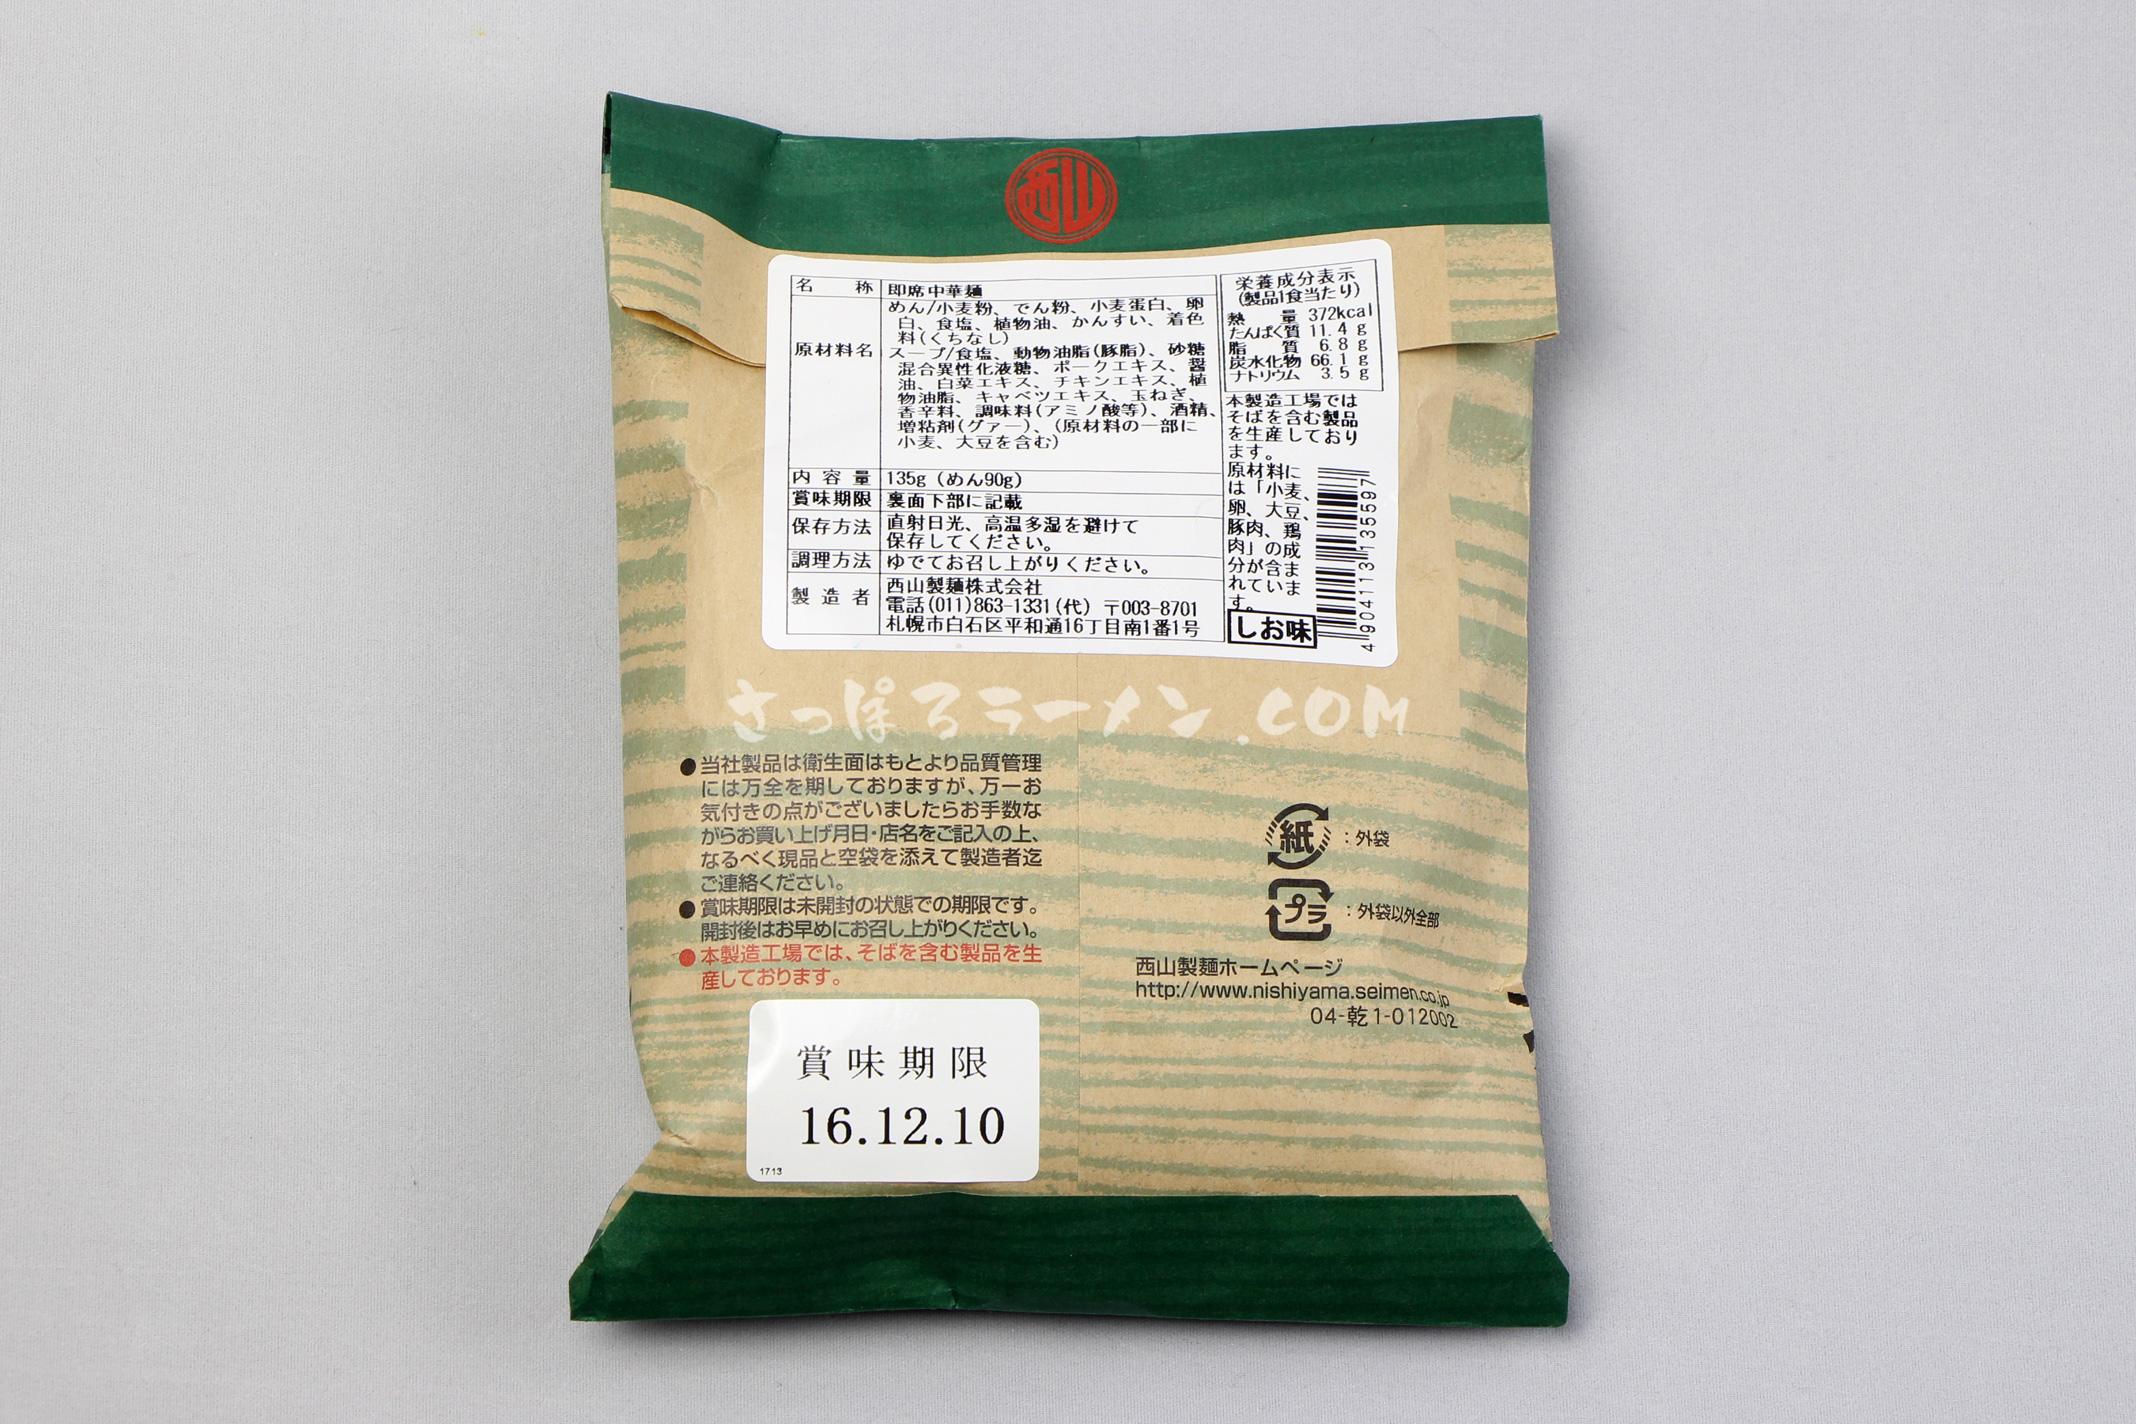 「札幌名産 西山ラーメン 乾燥 札幌 しお味(1食入)」(西山製麺)のパッケージ(裏)